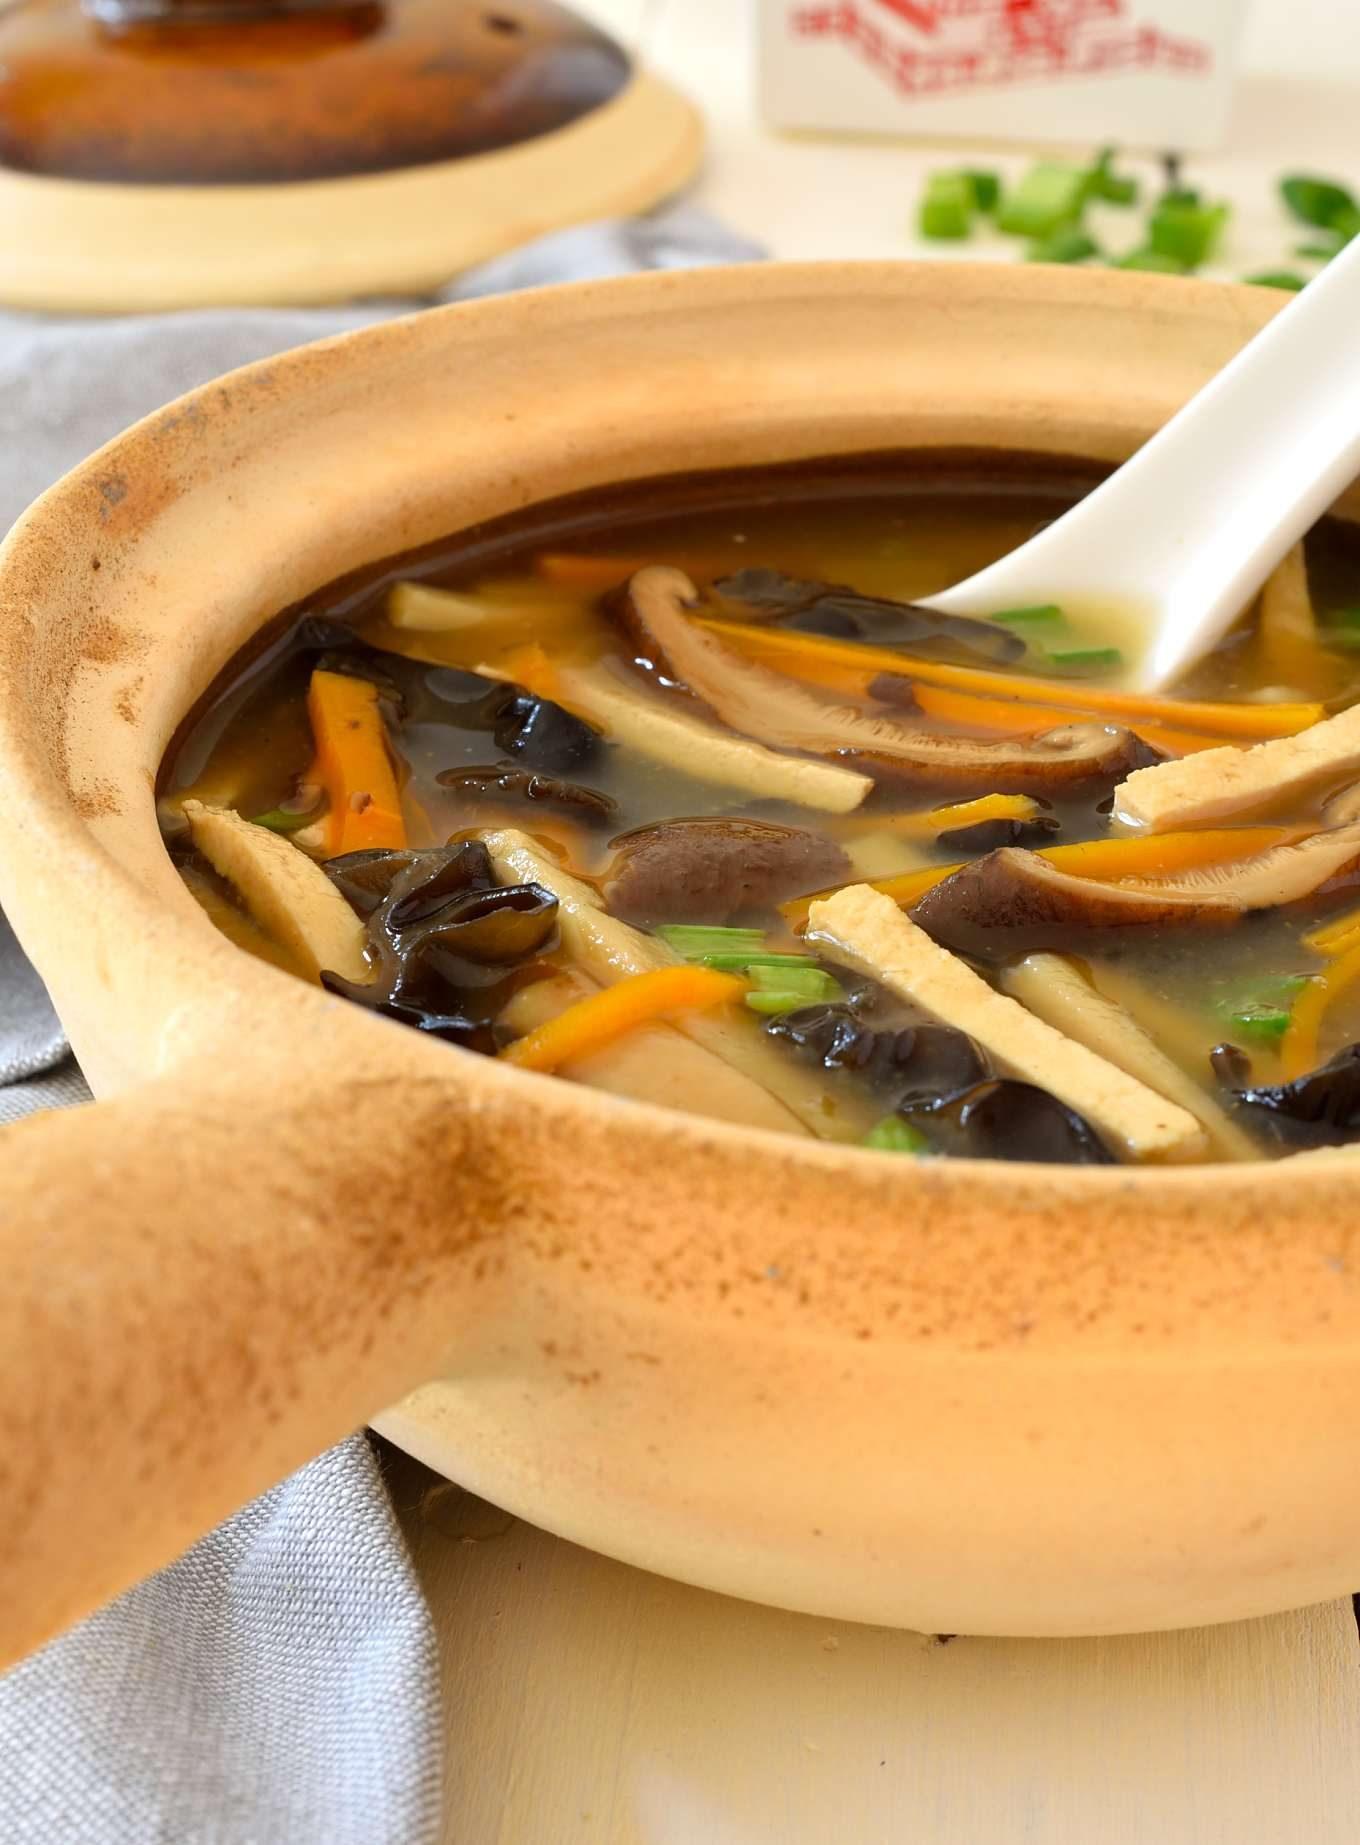 Esta receta para sopa agripicante vegetariana está tan sabrosa como en los restaurantes y totalemente libre de cualquier producto animal. Perfecto para una tarde fría de otoño e invierno, esta sopa agripicante vegetariana estará lista en tan sólo 40 minutos.